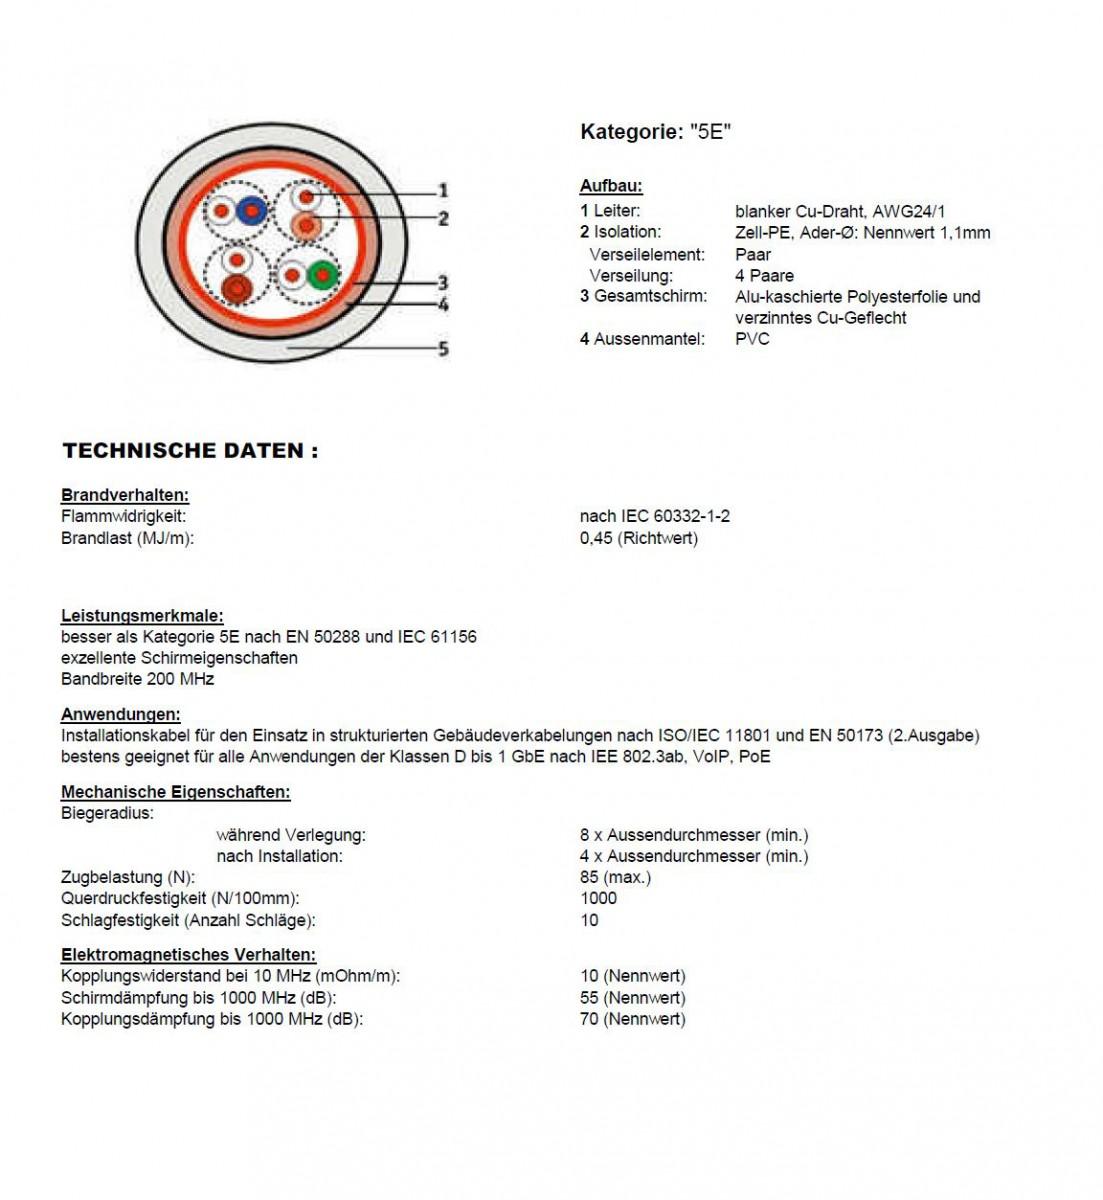 Gemütlich Awg 24 3 Draht Bilder - Der Schaltplan - greigo.com